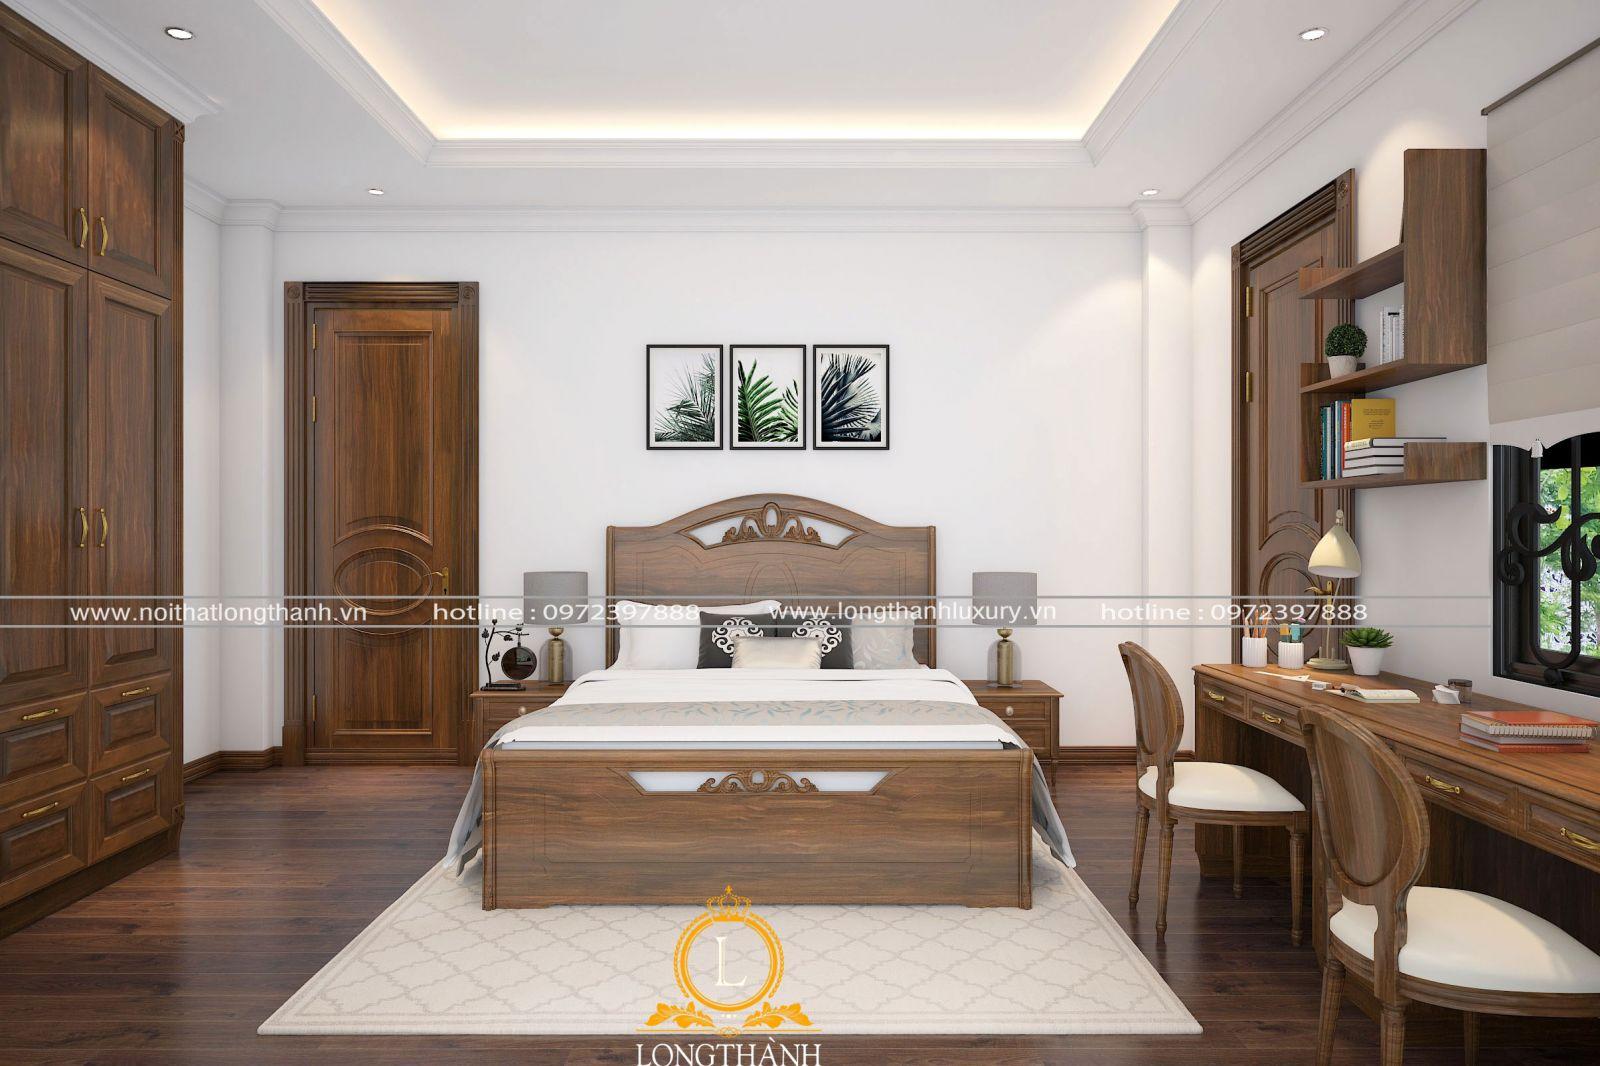 Căn phòng ngủ hiện đại dành cho những người đi học